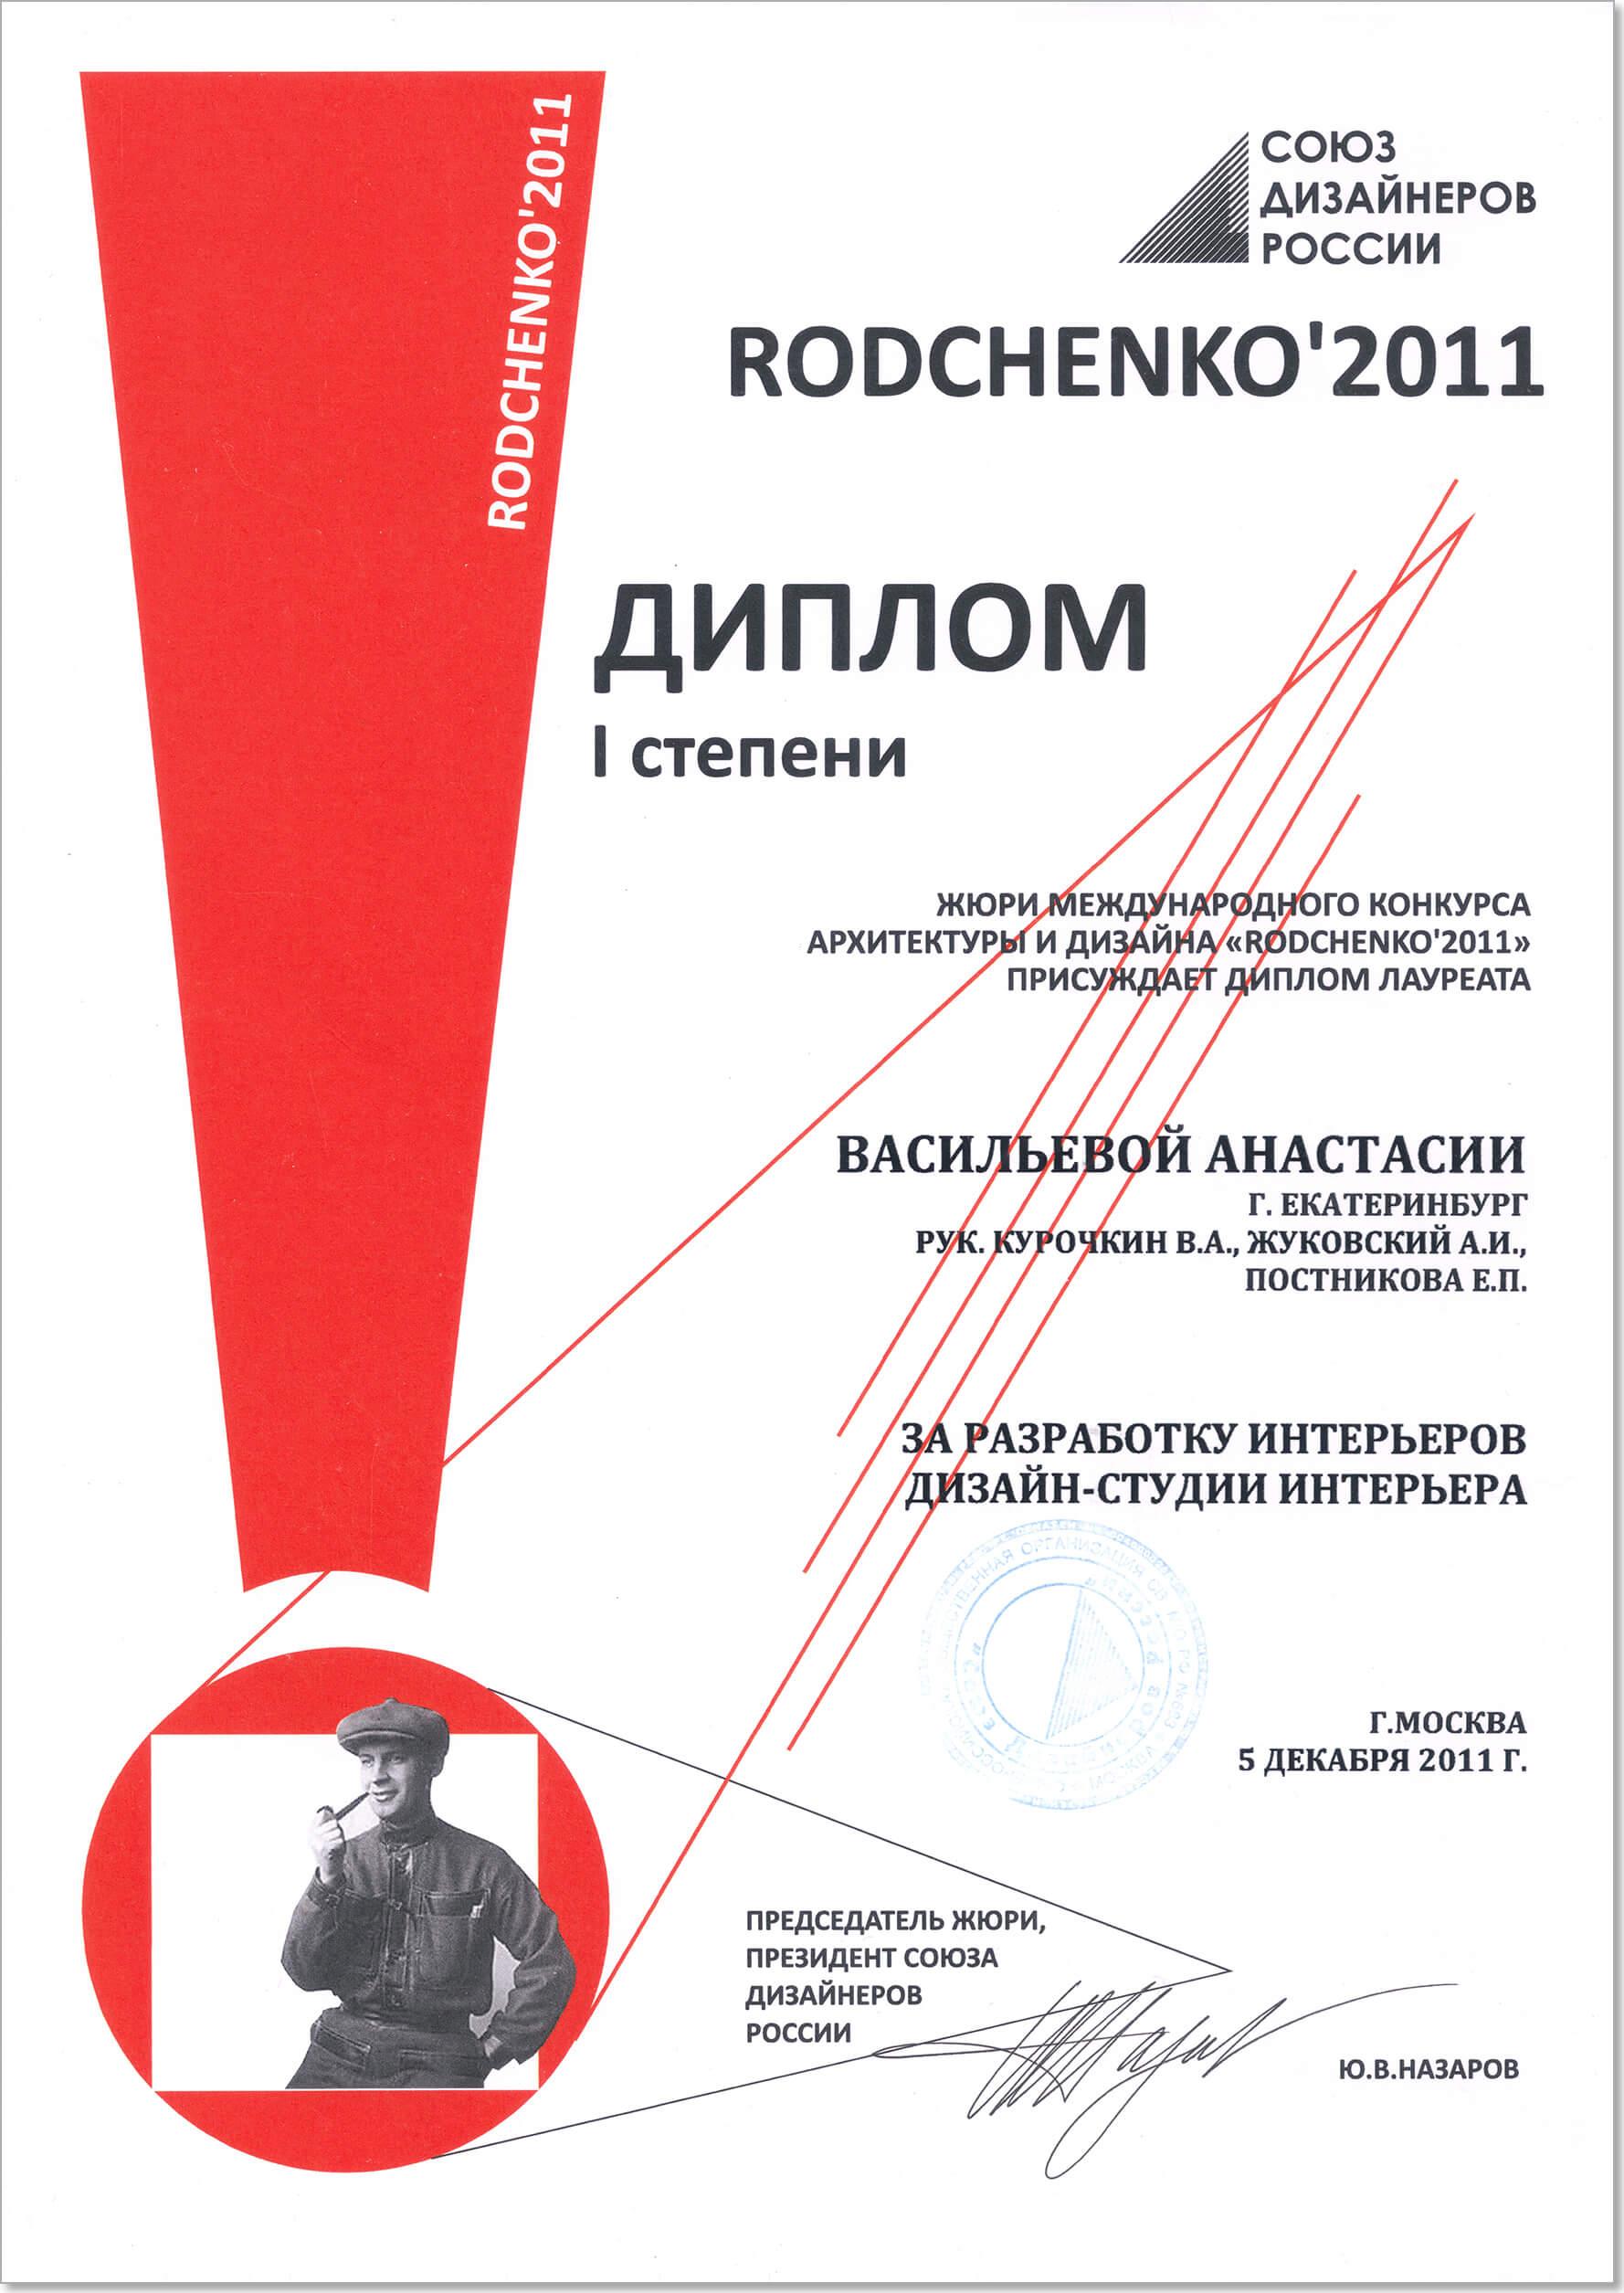 Диплом лауреата Анастасии Дягилевой